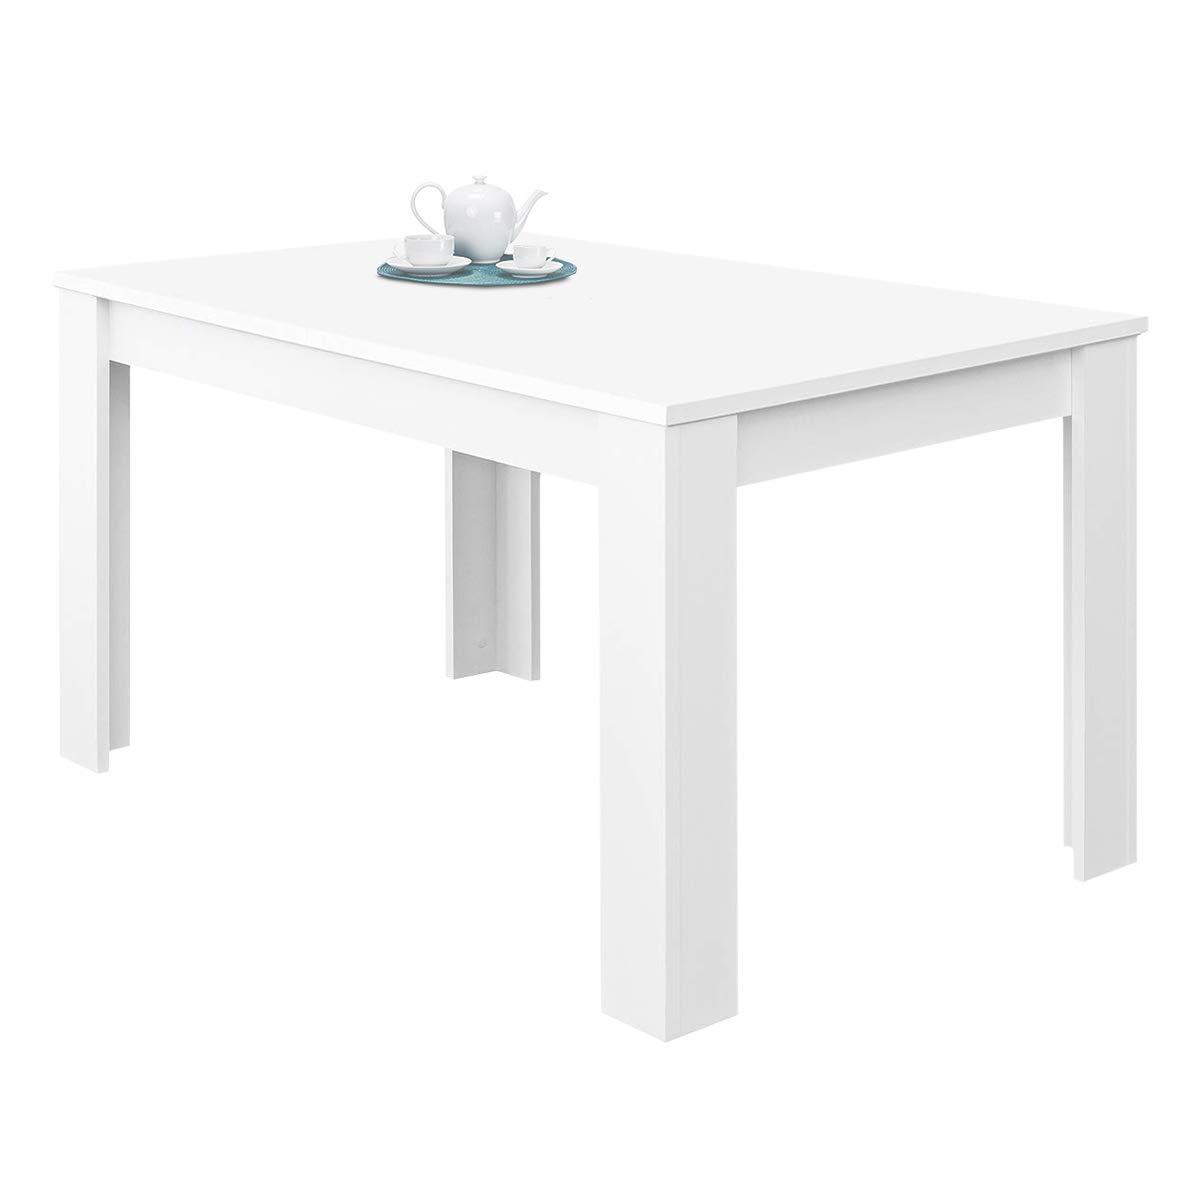 Habitdesign 004586A - Mesa de comedor extensible Kendra, de 140 a 190 cm, cerrada: 140 cm (largo) x 90 cm (ancho) x 78 cm (altura), color blanco artik